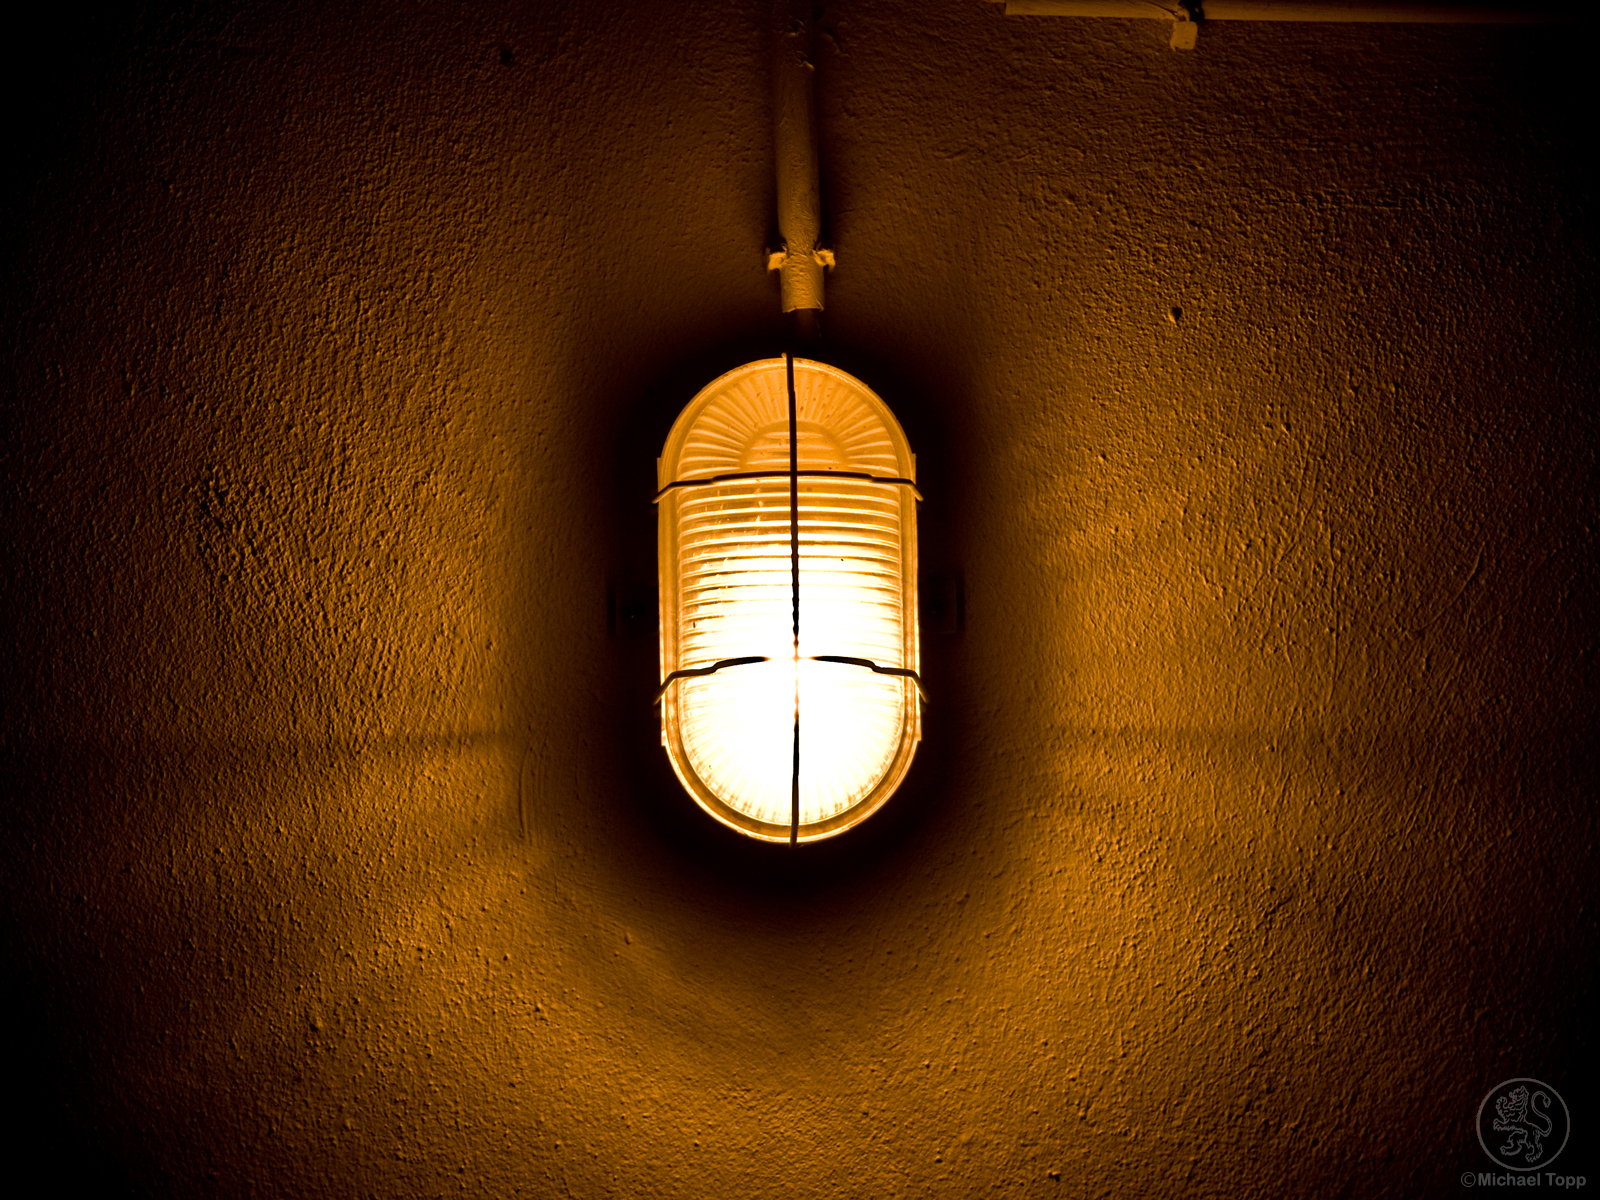 Lampe für Außen Brennenstuhl Ovalleuchte Color und Innenbereich Leuchte zur